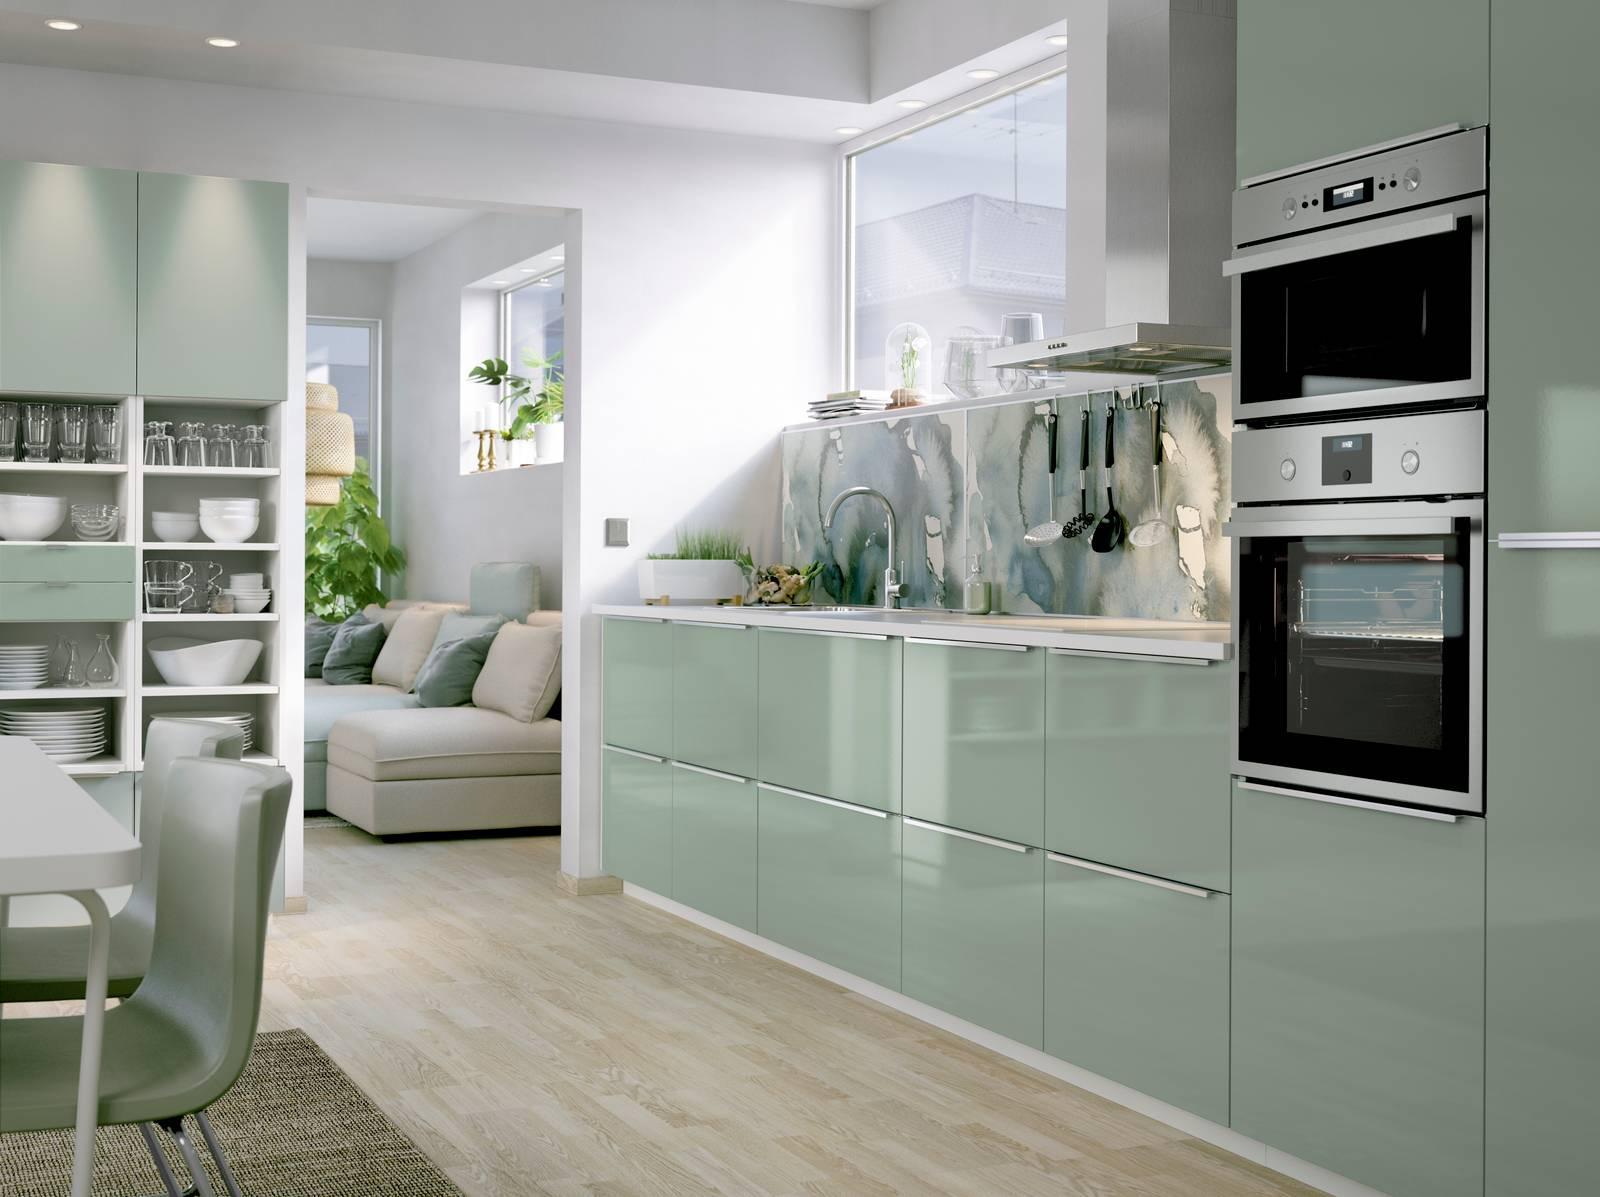 Colonna Dispensa Cucina Ikea armadi cucina: 12 composizioni delle migliori marche - cose